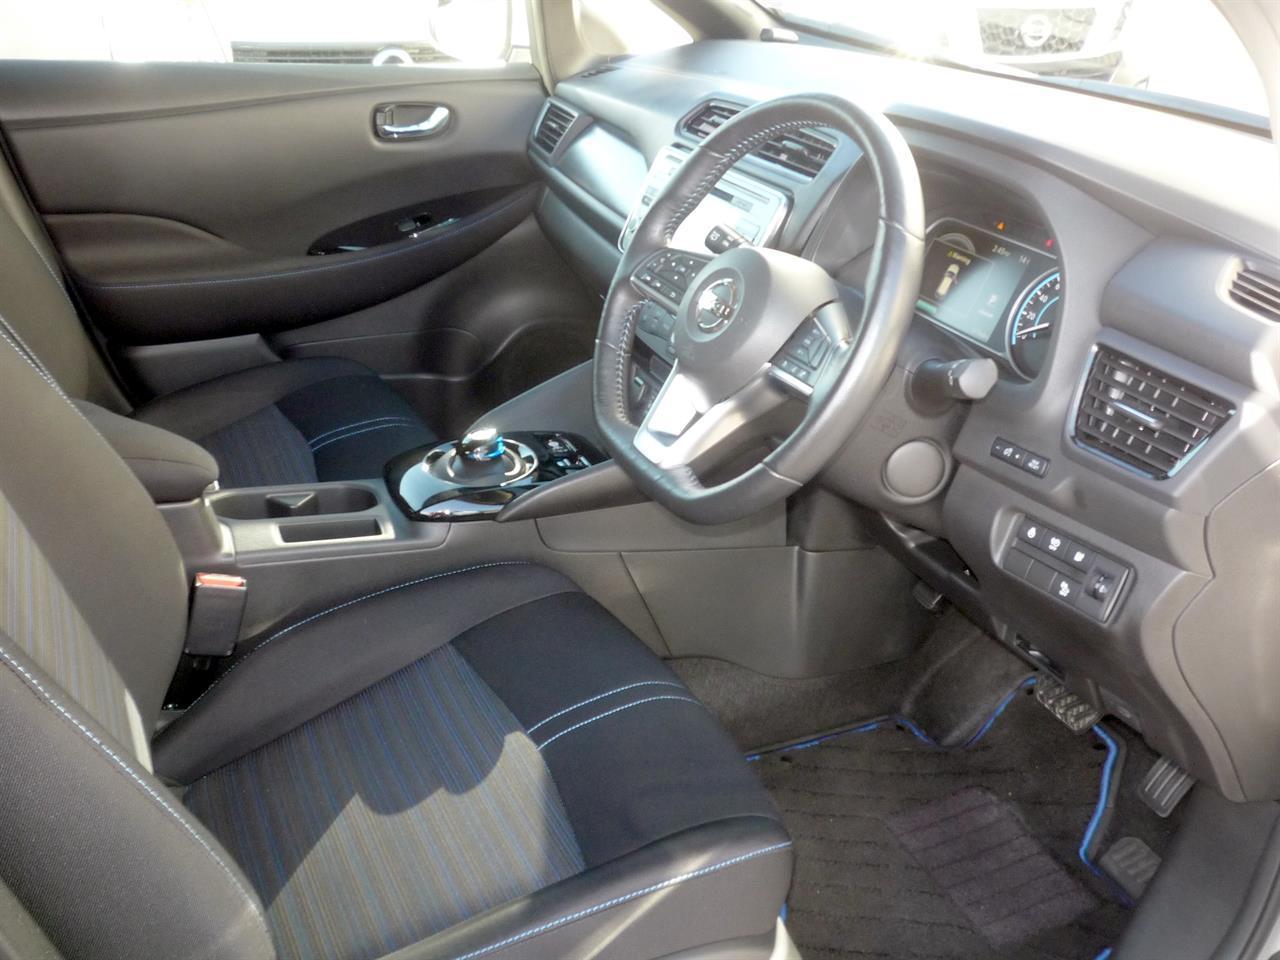 image-5, 2018 Nissan Leaf 40X (SOH 91.80%) at Dunedin